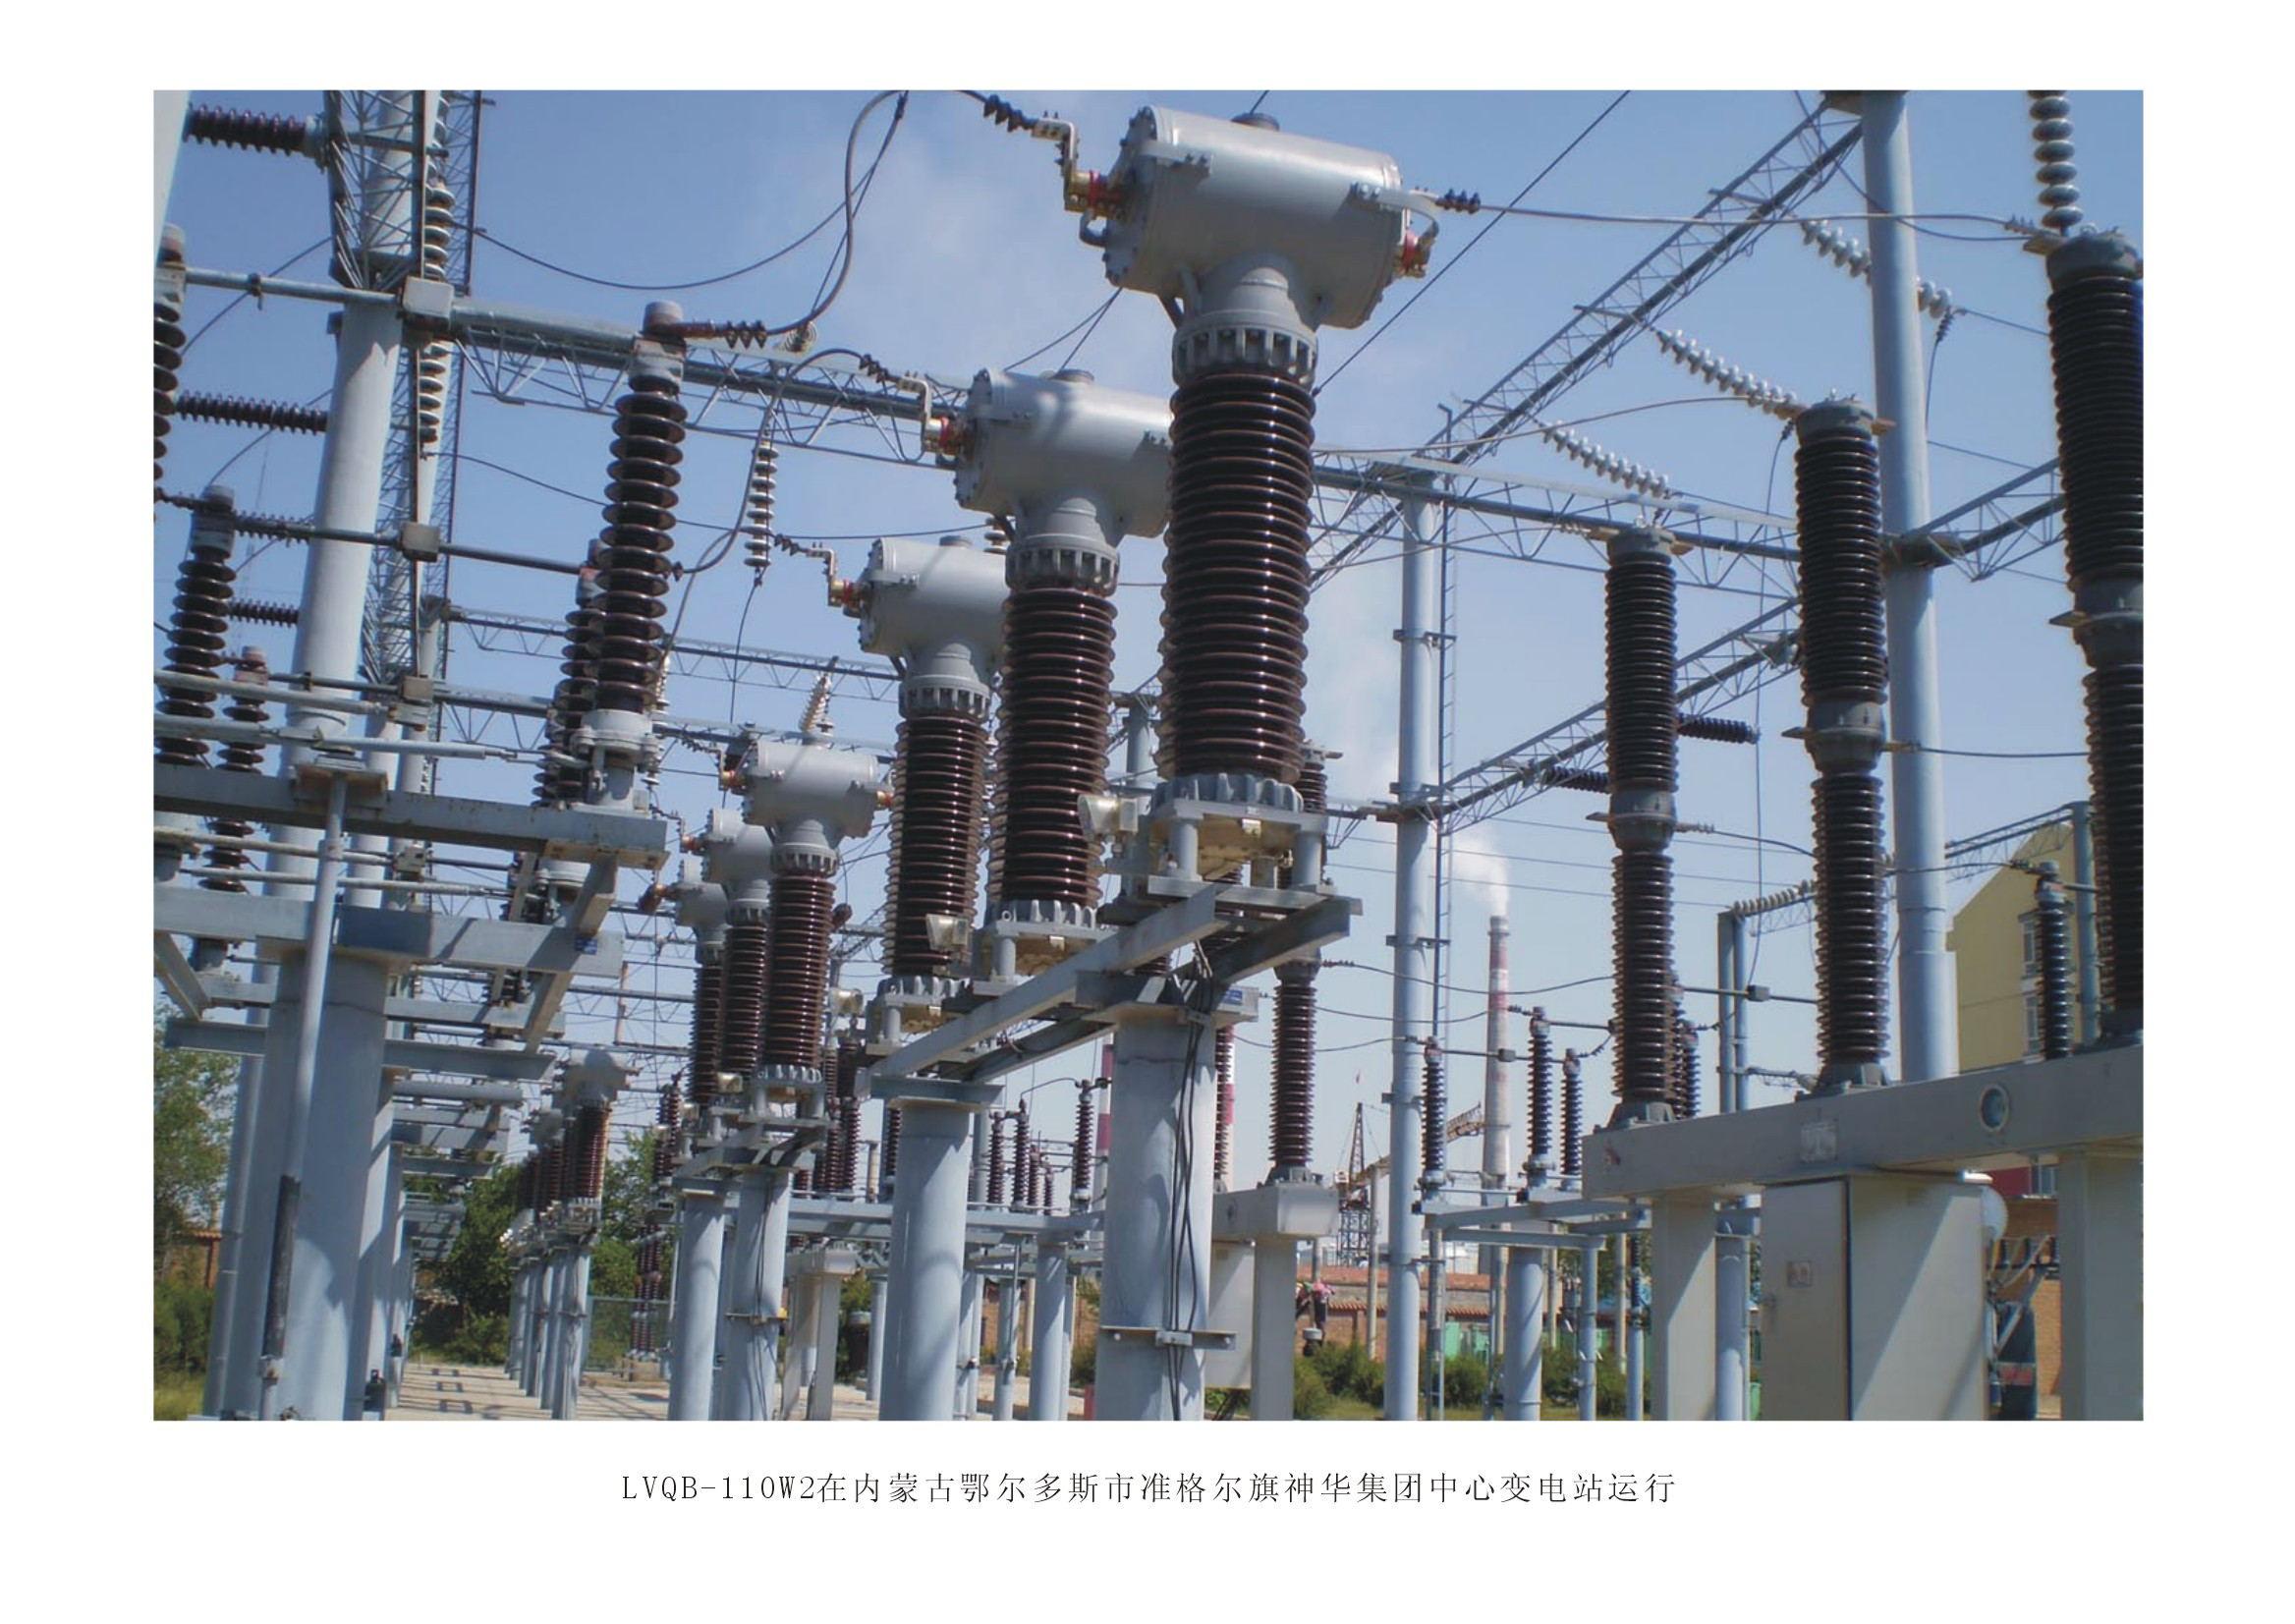 57LVQB-110W2在內蒙古鄂爾多斯市準格爾旗神華集團中心變電站運行